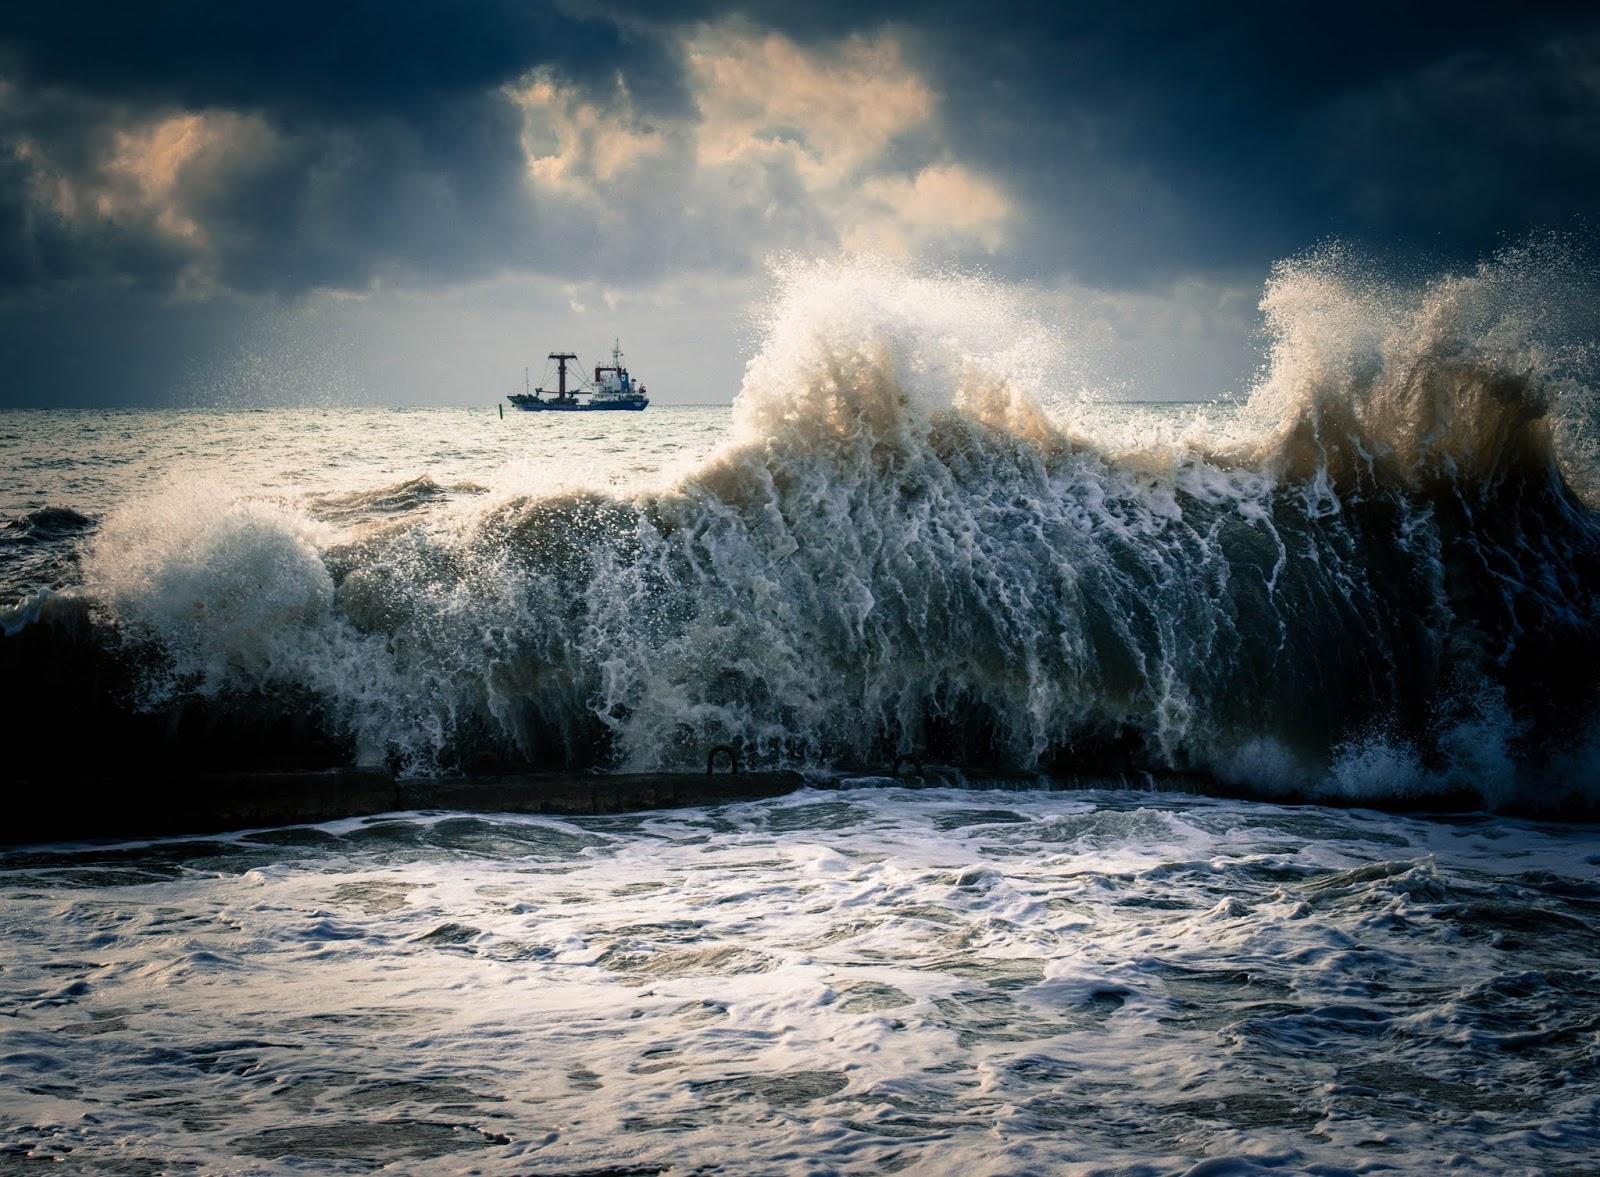 оргово развлекательный шторм на море картинки для мобильного телефона помогала нянчить